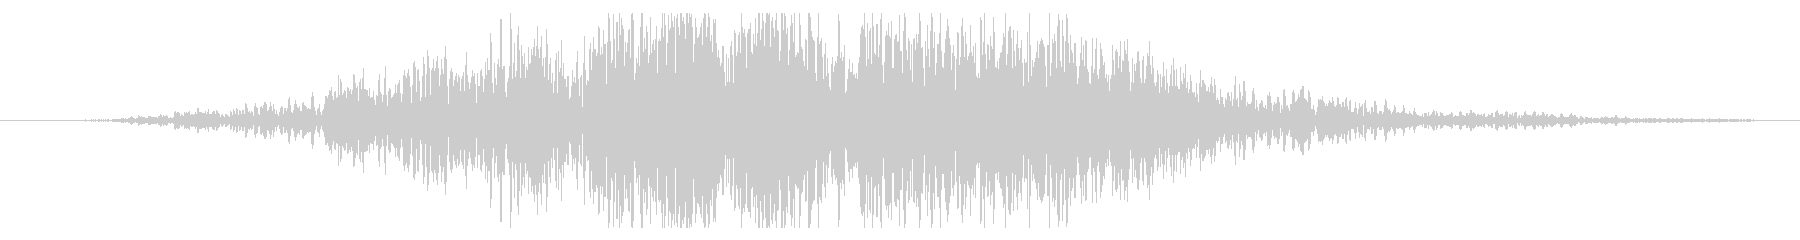 上昇 ストームドローン01の未再生の波形